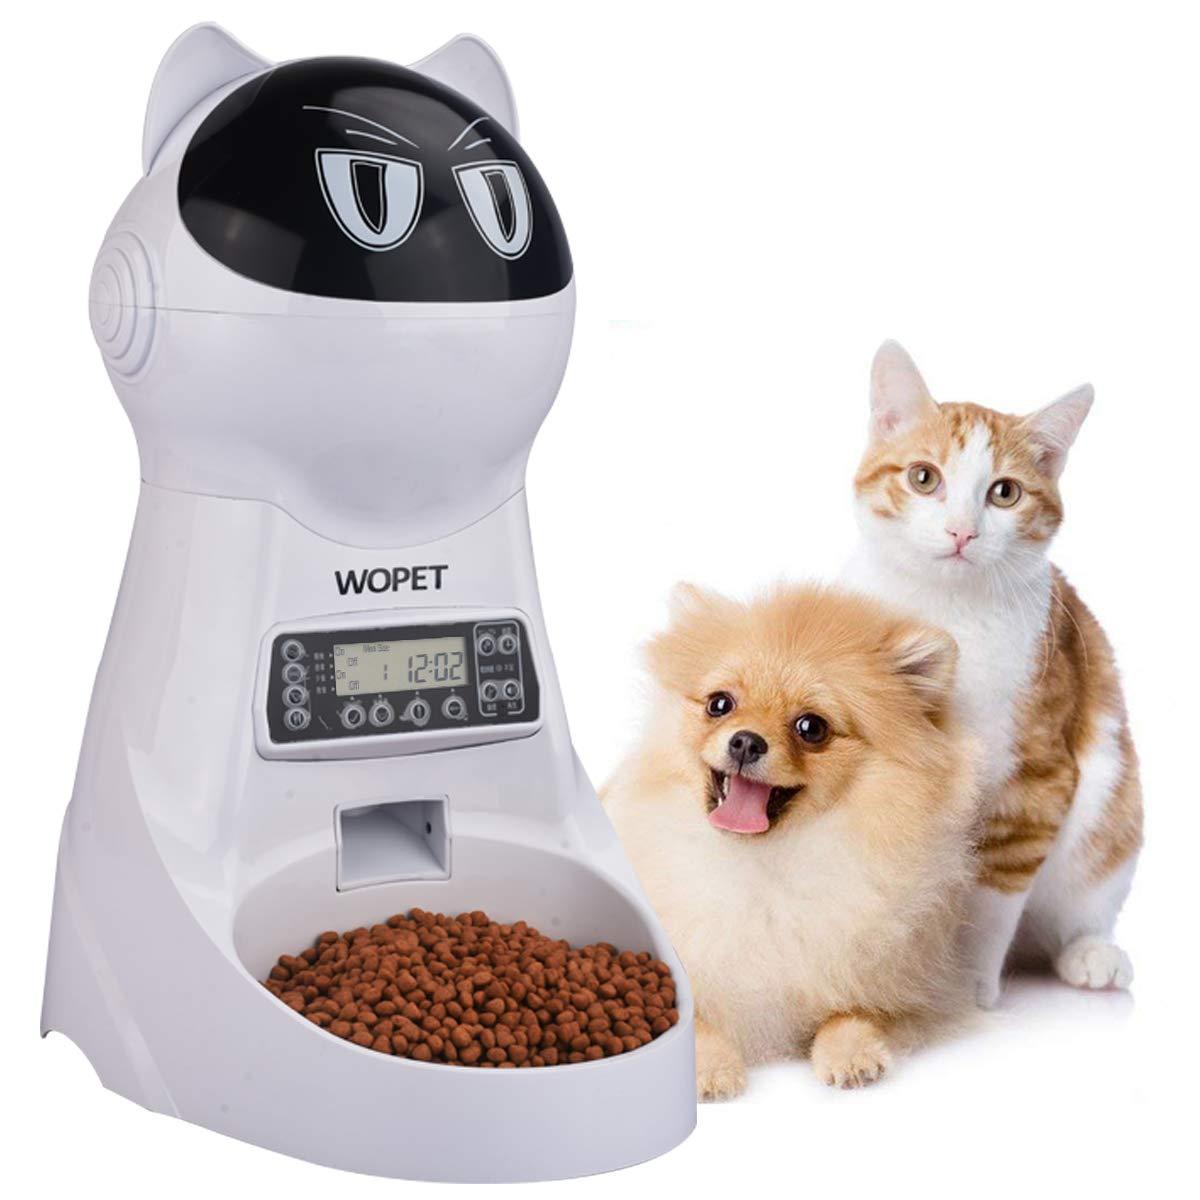 WOpet 自動給餌器 自動餌やり器 猫 中小型犬用 ペット自動餌やり機 タイマー式 録音可 最大15日連続自動給餌 3.5L容量 中小型犬猫 (ホワイト) product image